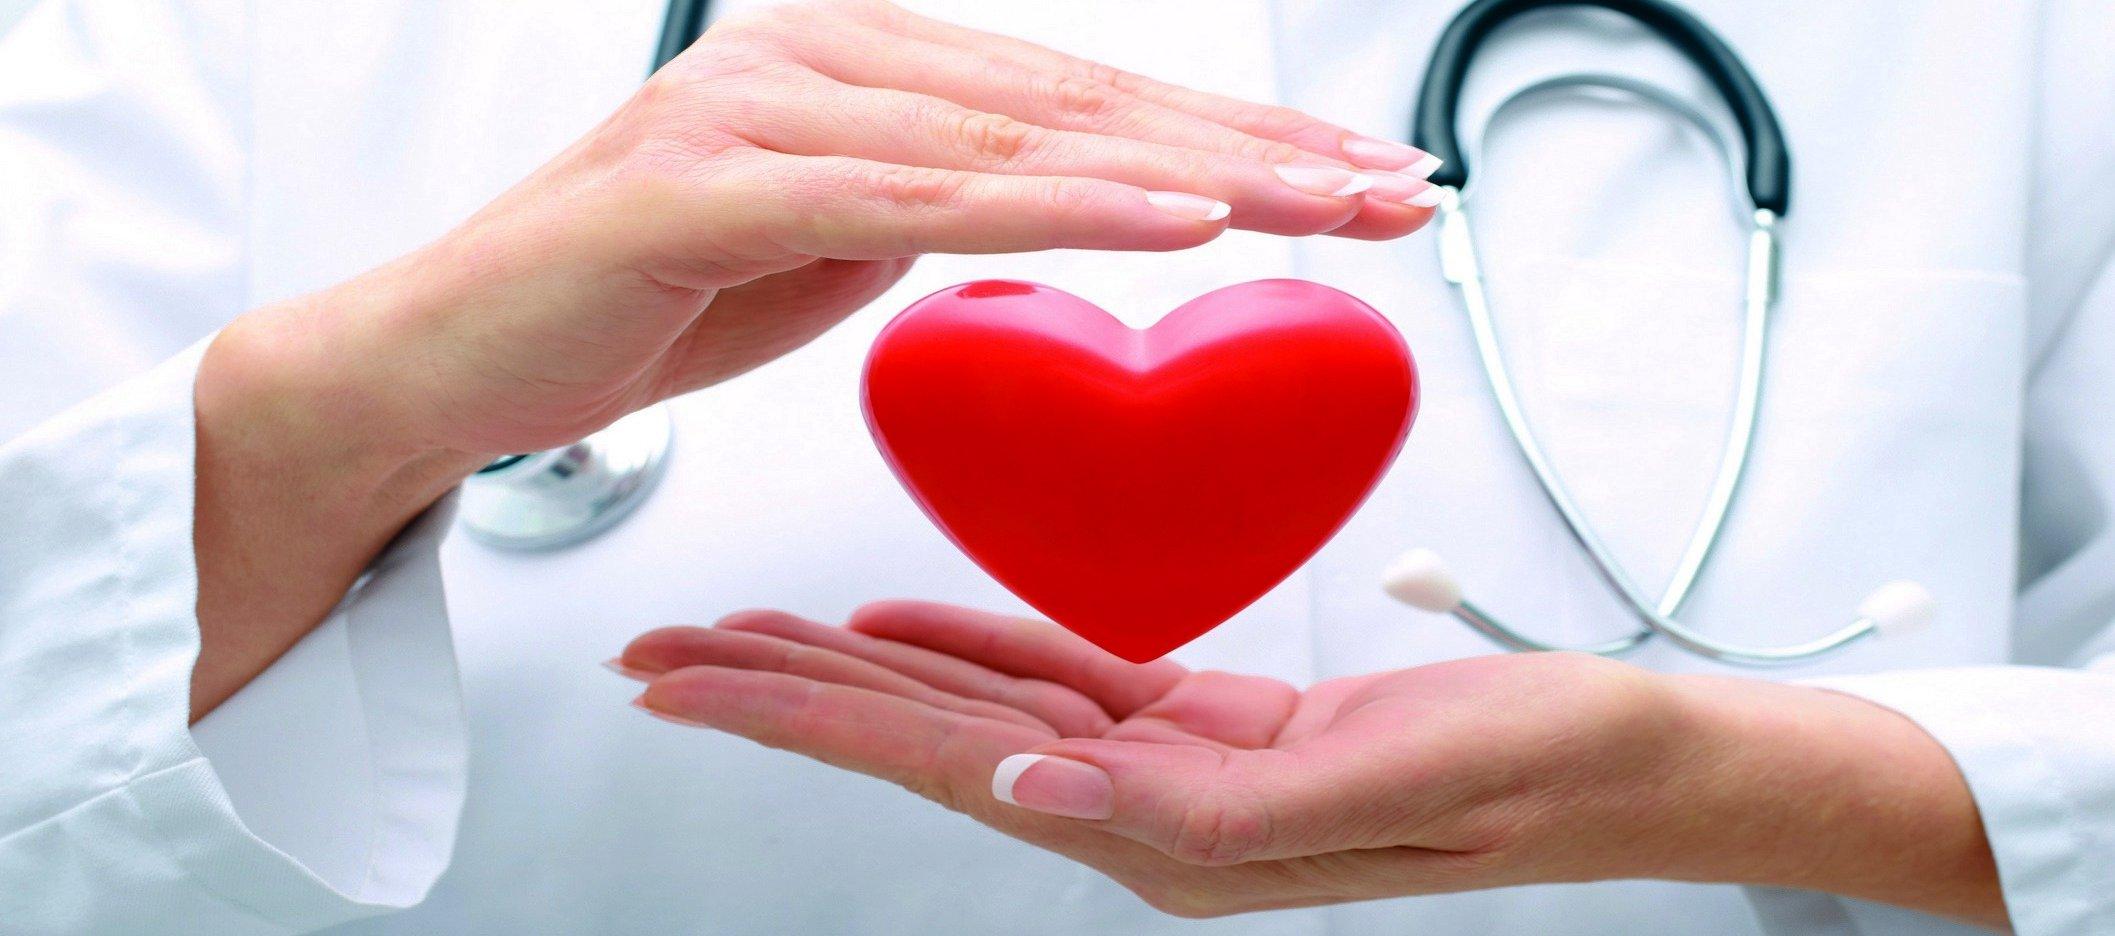 Лечение инфаркта – бесплатно. В харьковских больницах реализуют правительственную программу